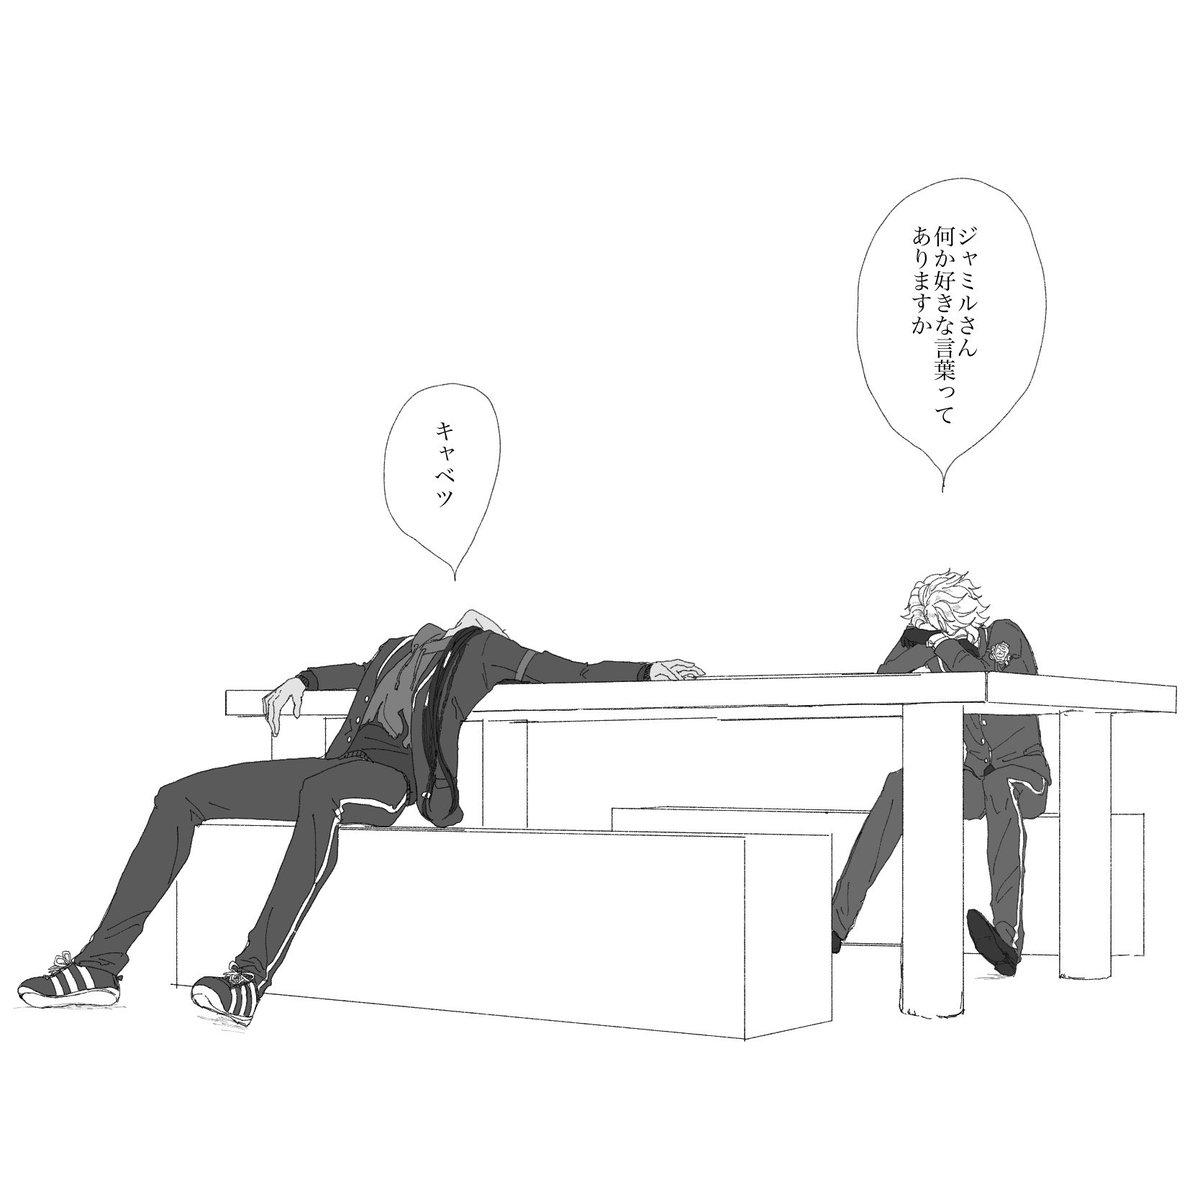 凄く疲れてる2C